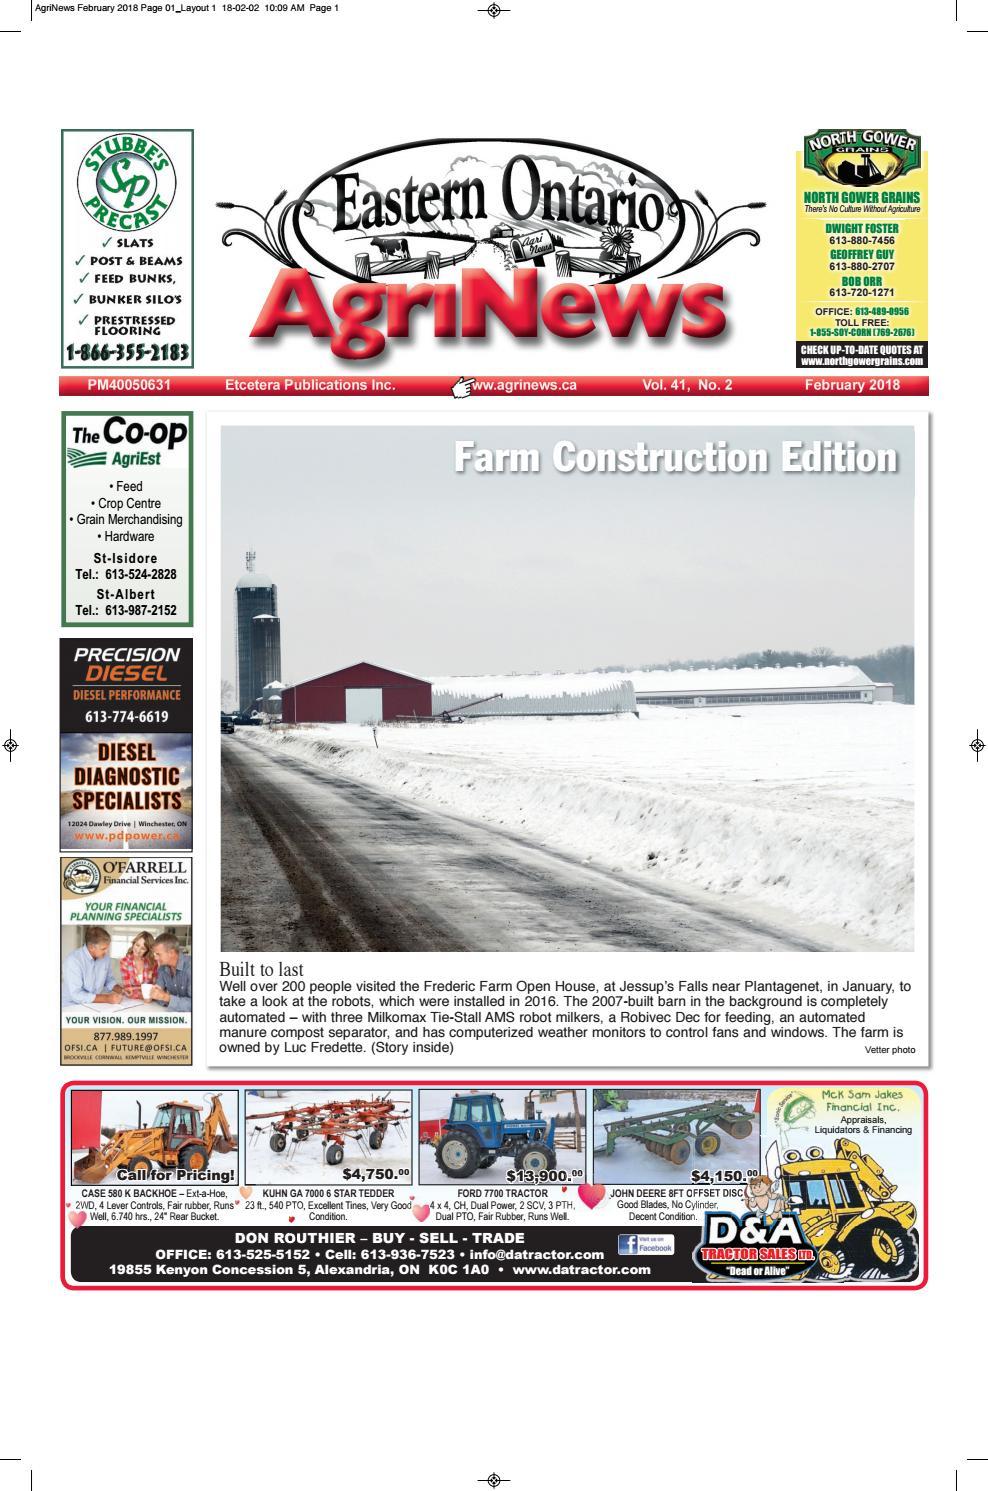 Agrinews February 2018 by Robin Morris issuu